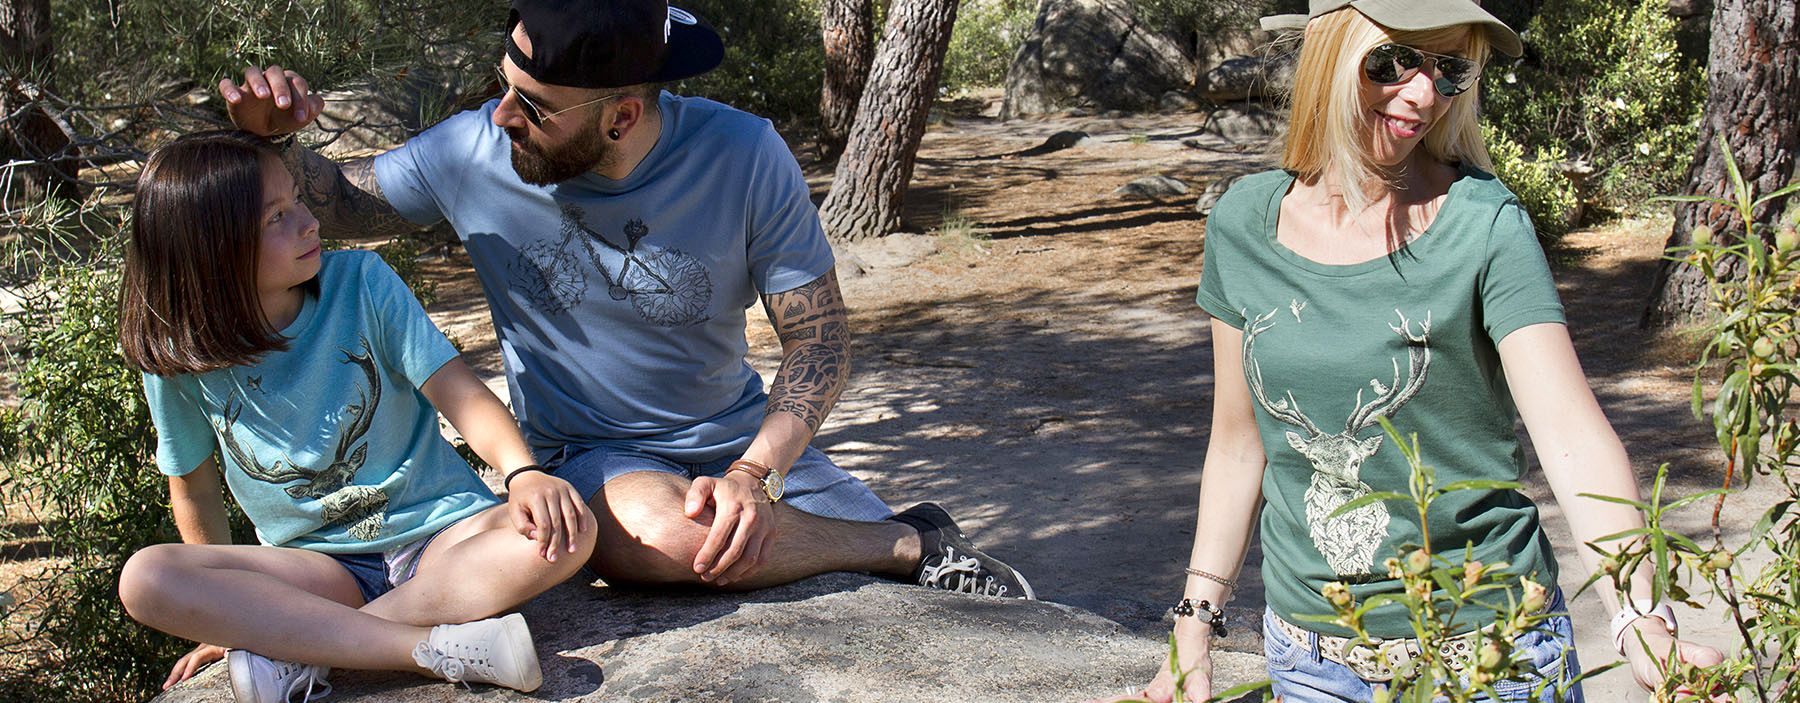 ropa sostenible online-sirem wild-camisetas algodon organico